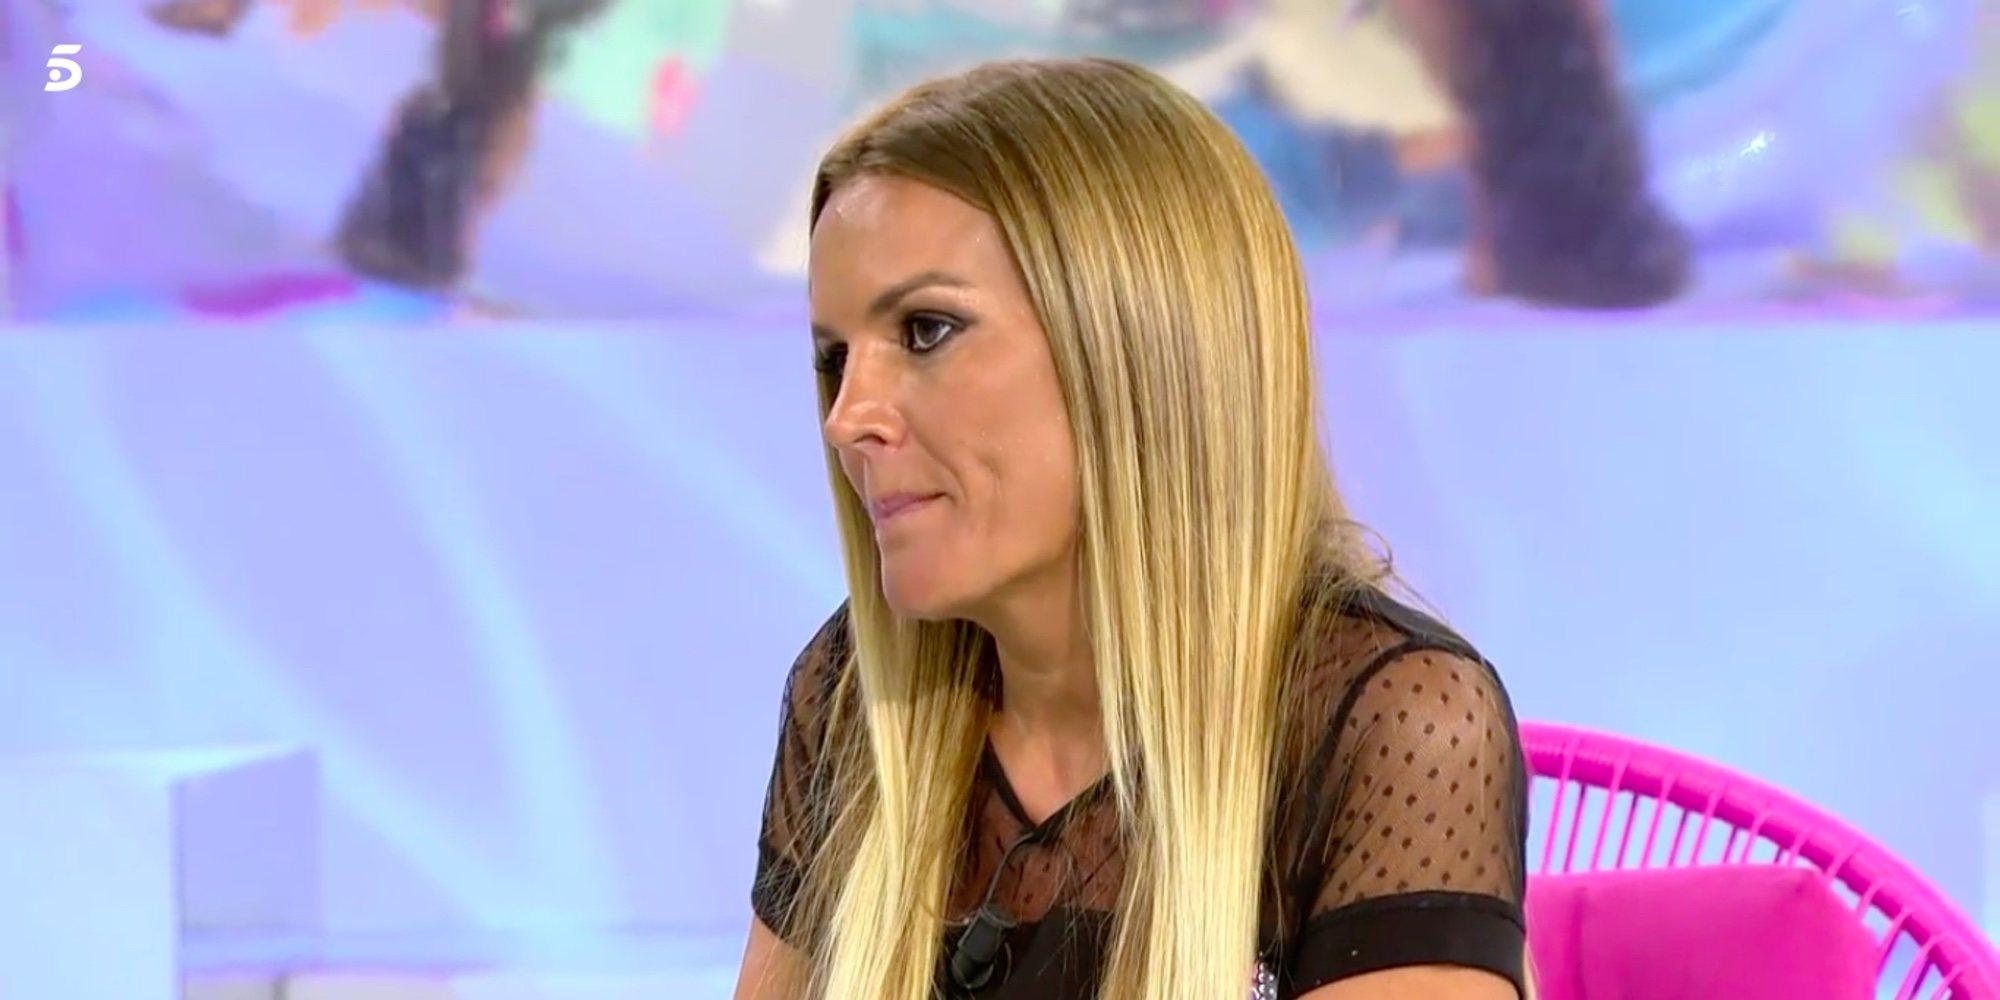 """Telecinco despide a Marta López por su """"actitud públicamente irresponsable"""" en su noche de fiesta en Marbella"""